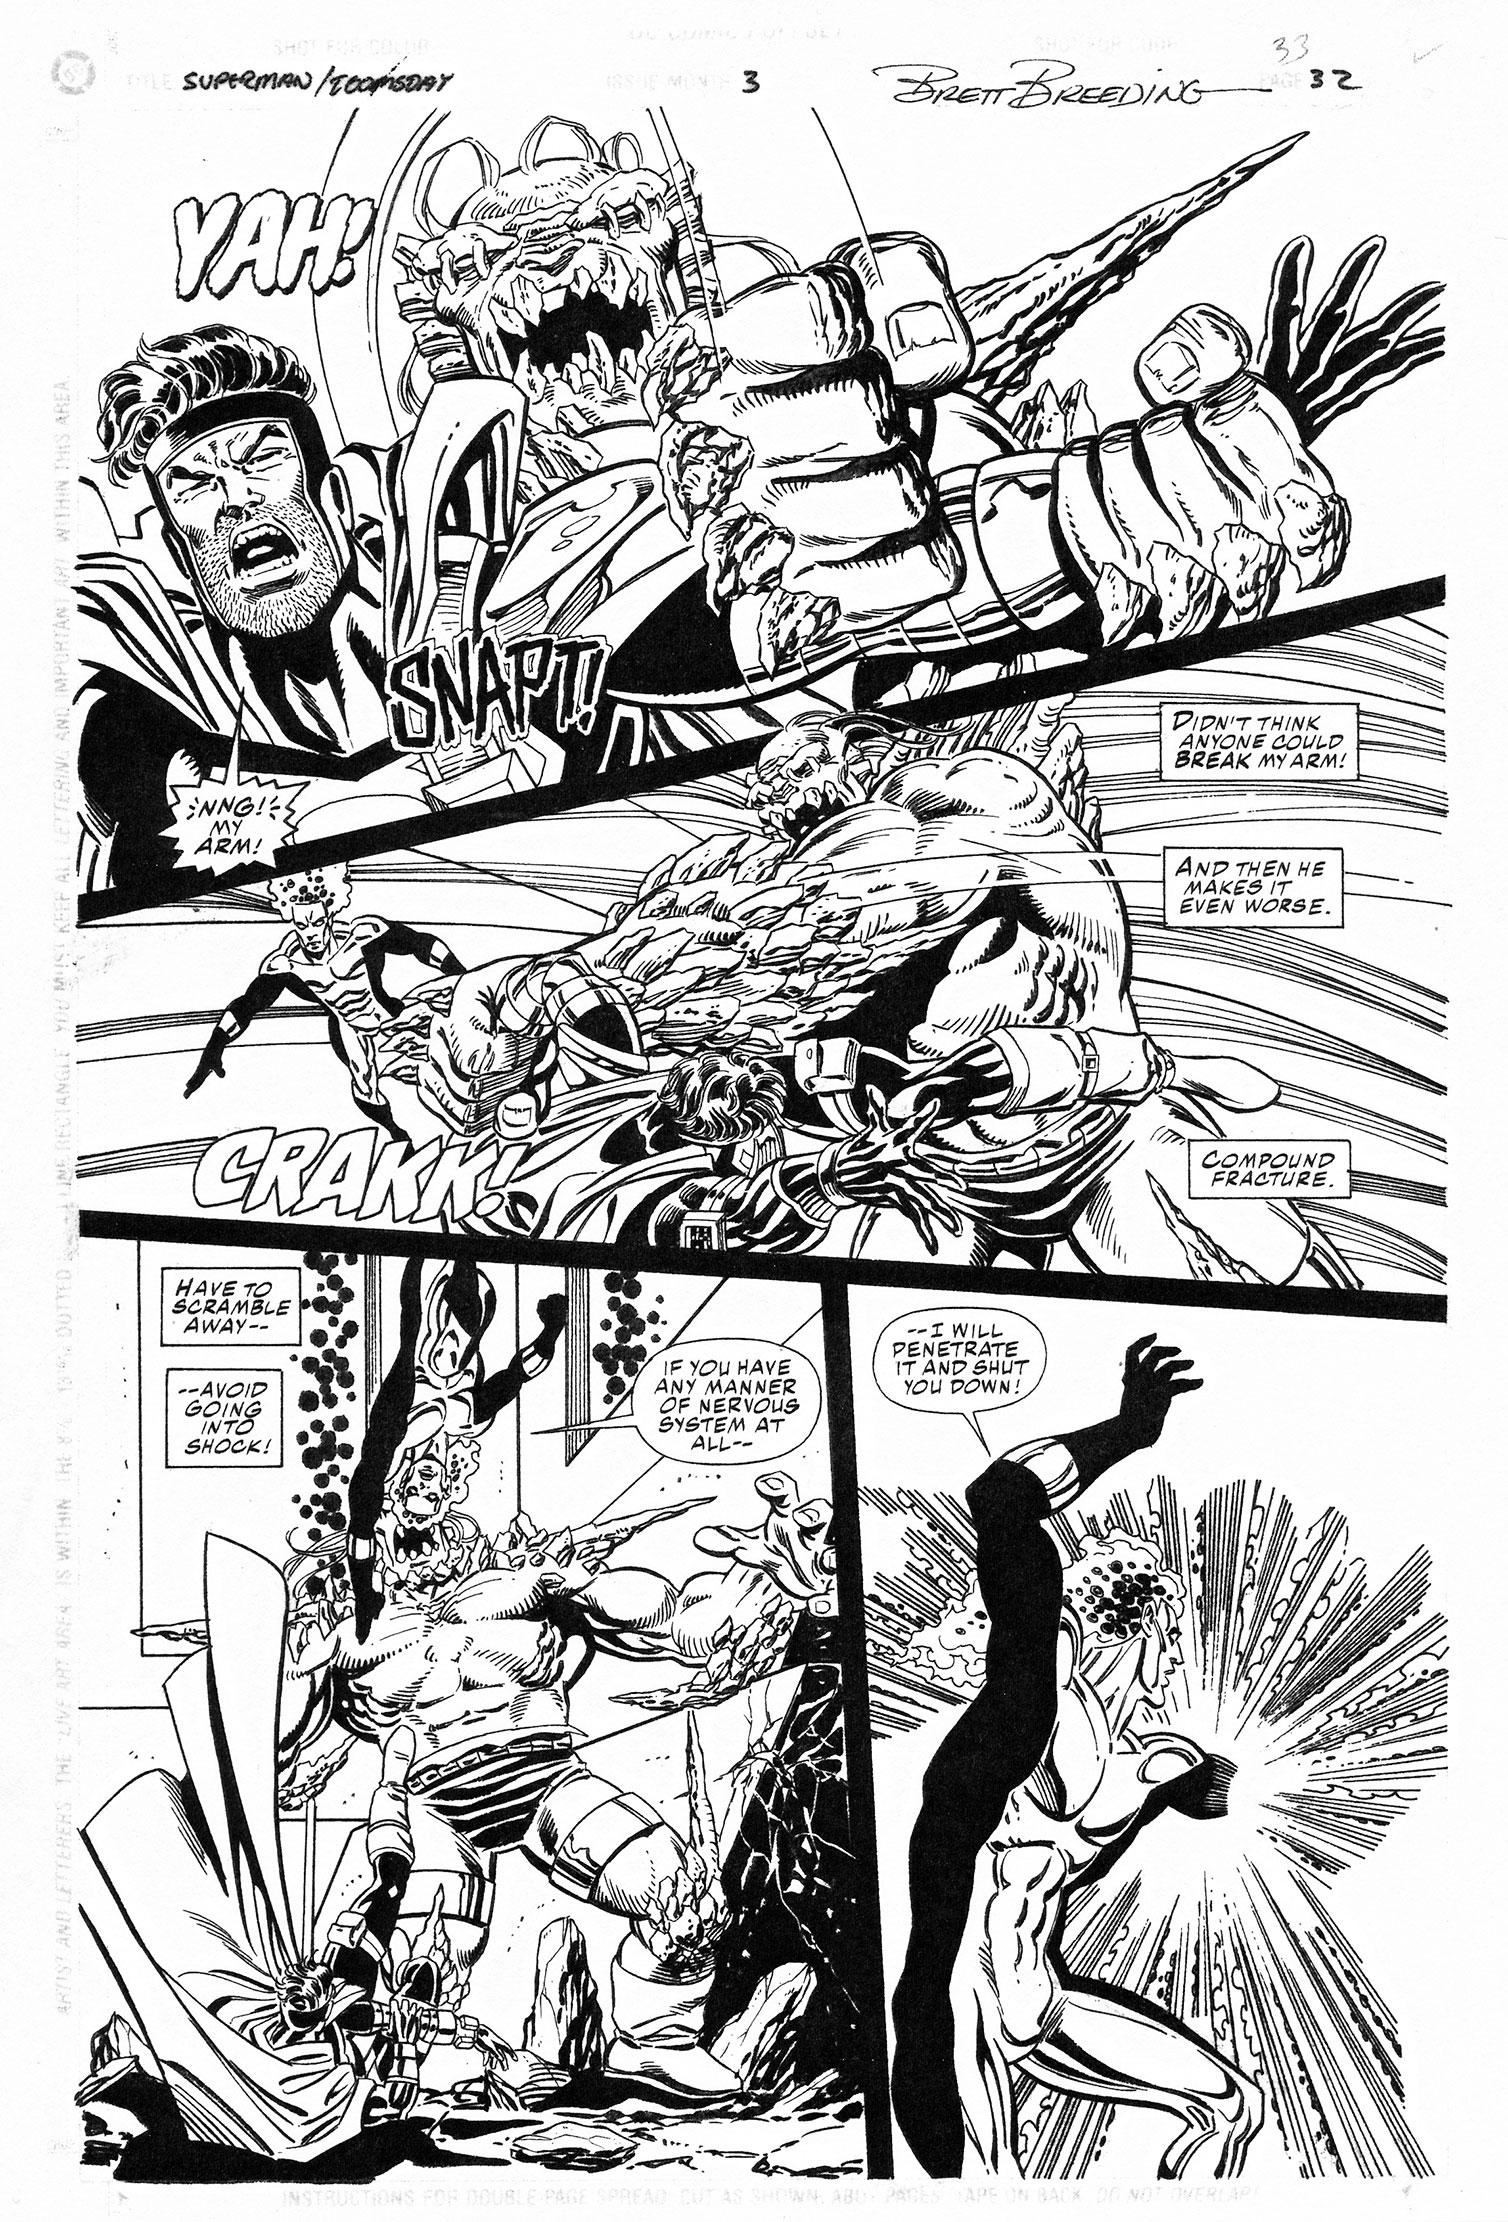 DAN JURGENS 1994 SUPERMAN/DOOMSDAY #3 P.32 Comic Art